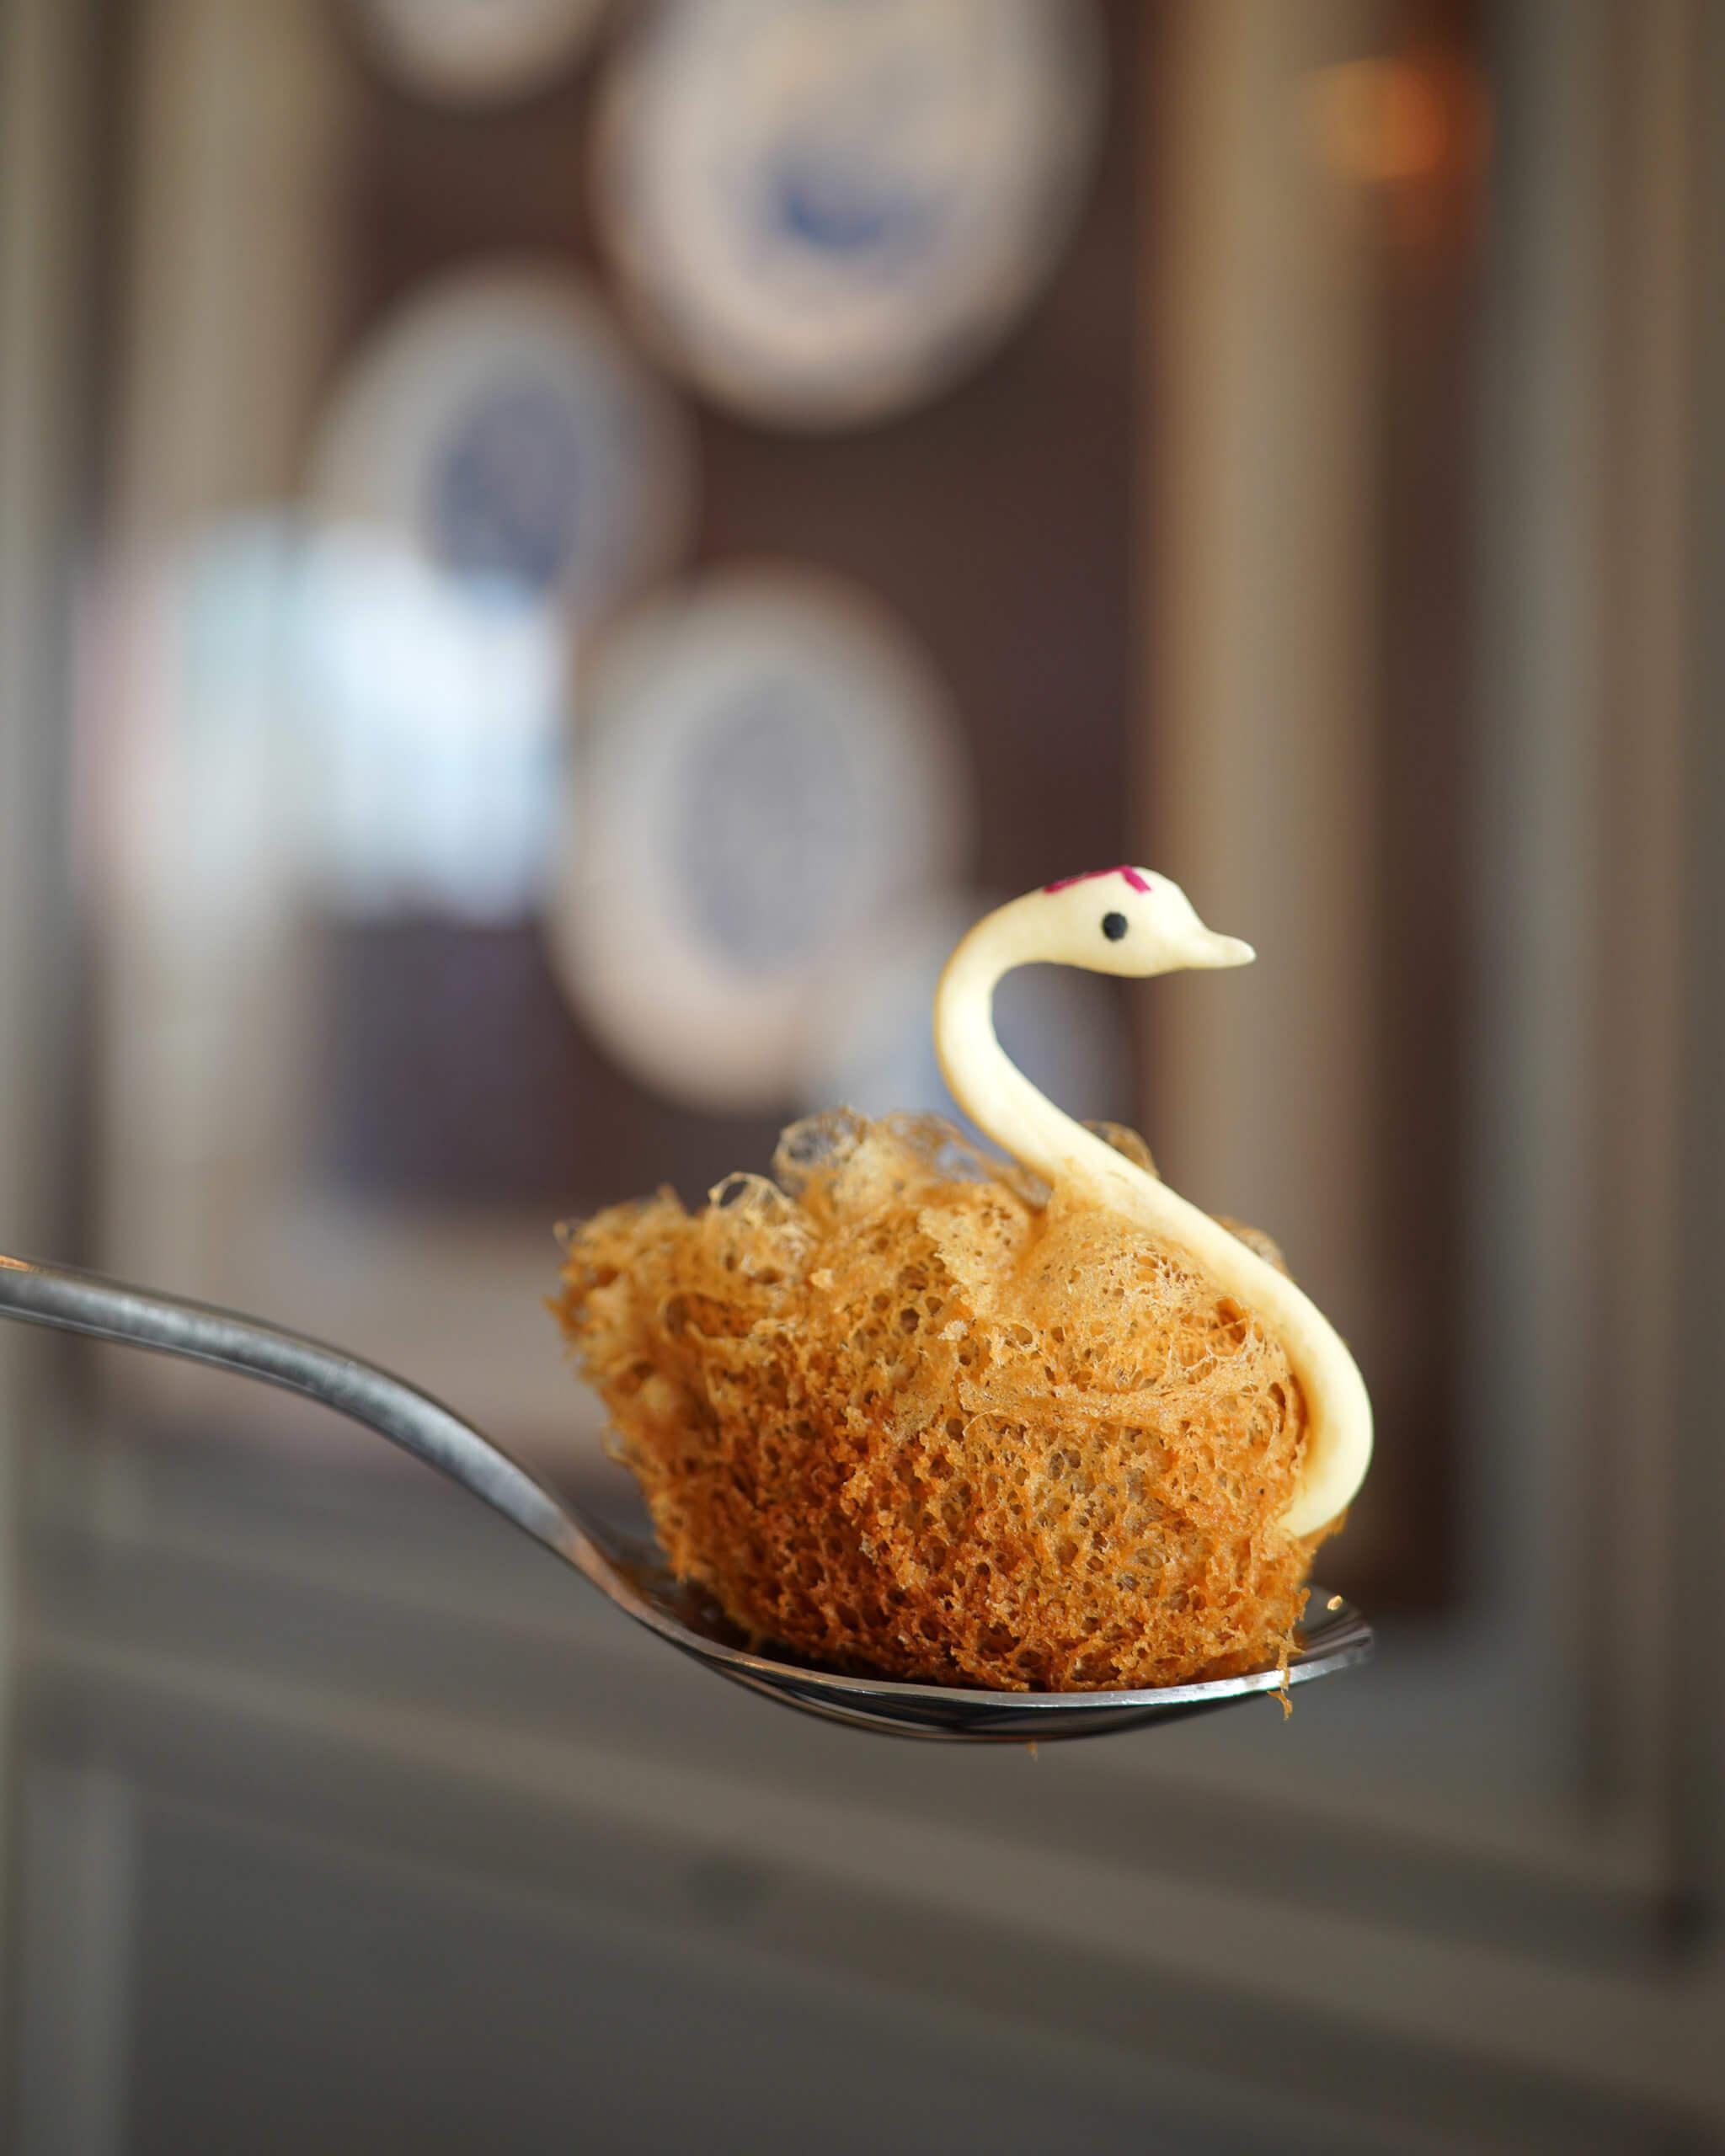 將芋泥酥製成天鵝形,好精美!